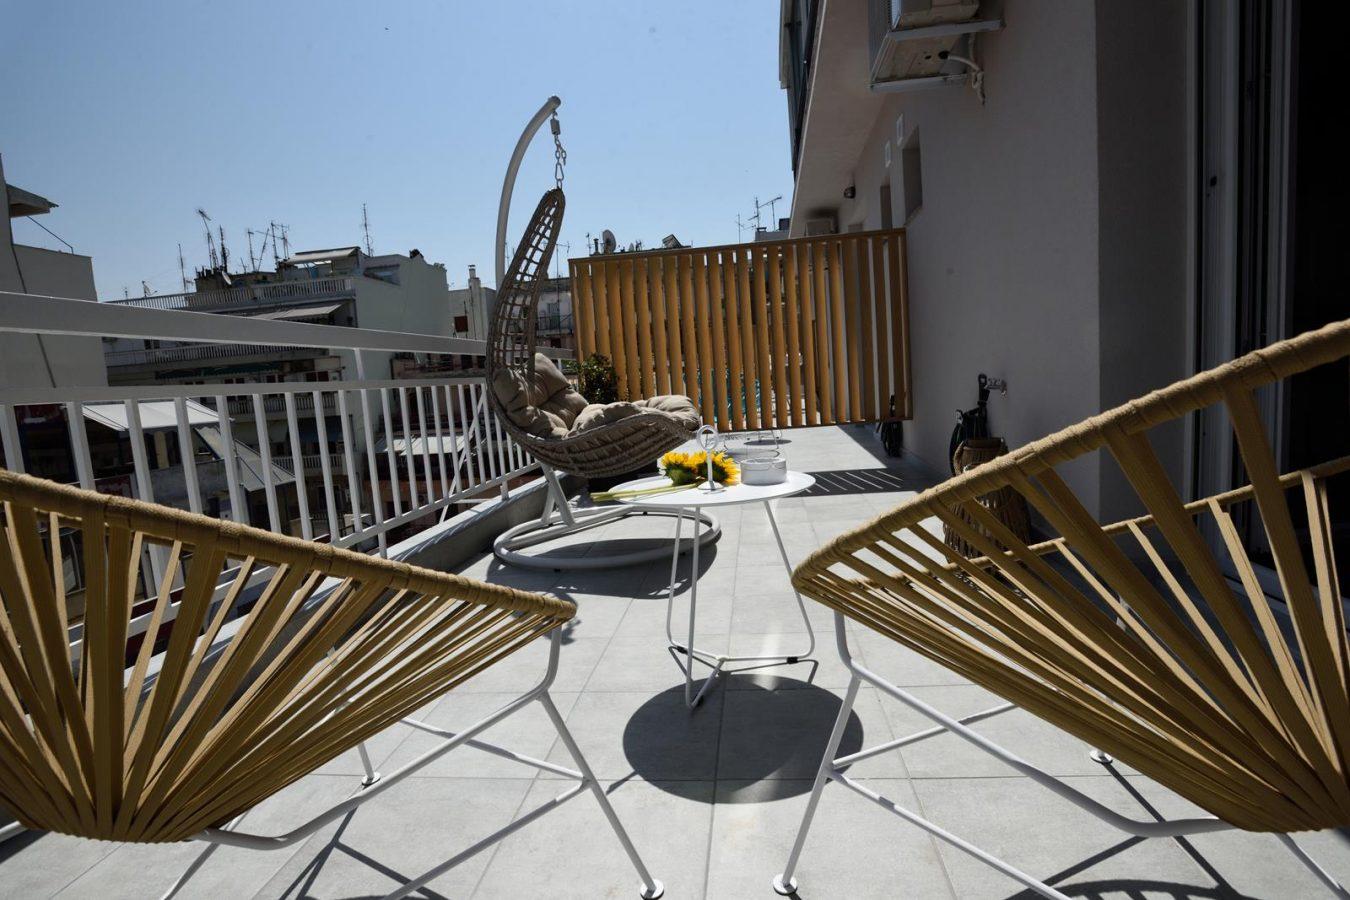 διαμονή στη θεσσαλονίκη - magnifique luxury suites